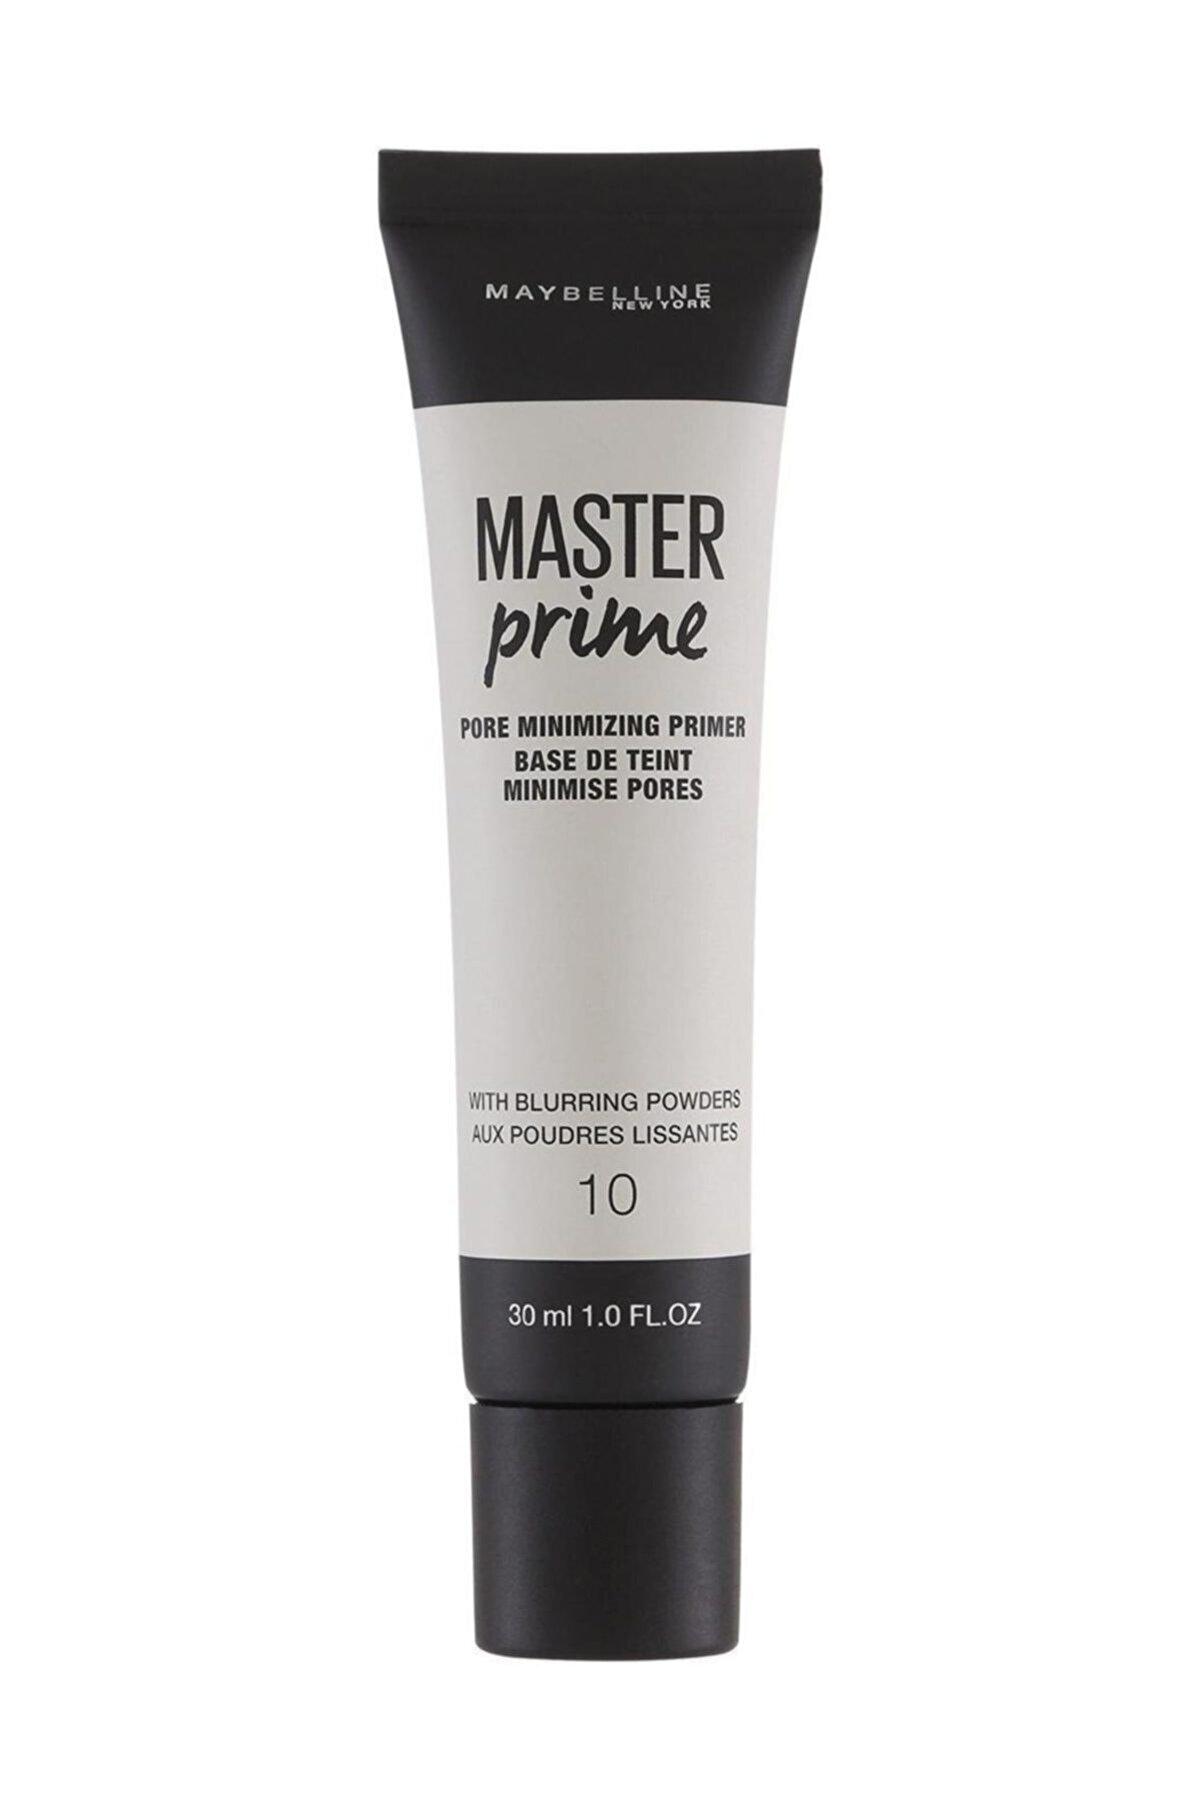 Maybelline New York Gözenek Gizleyici Makyaj Bazı - Face Studio Hydrating Primer 30 ml